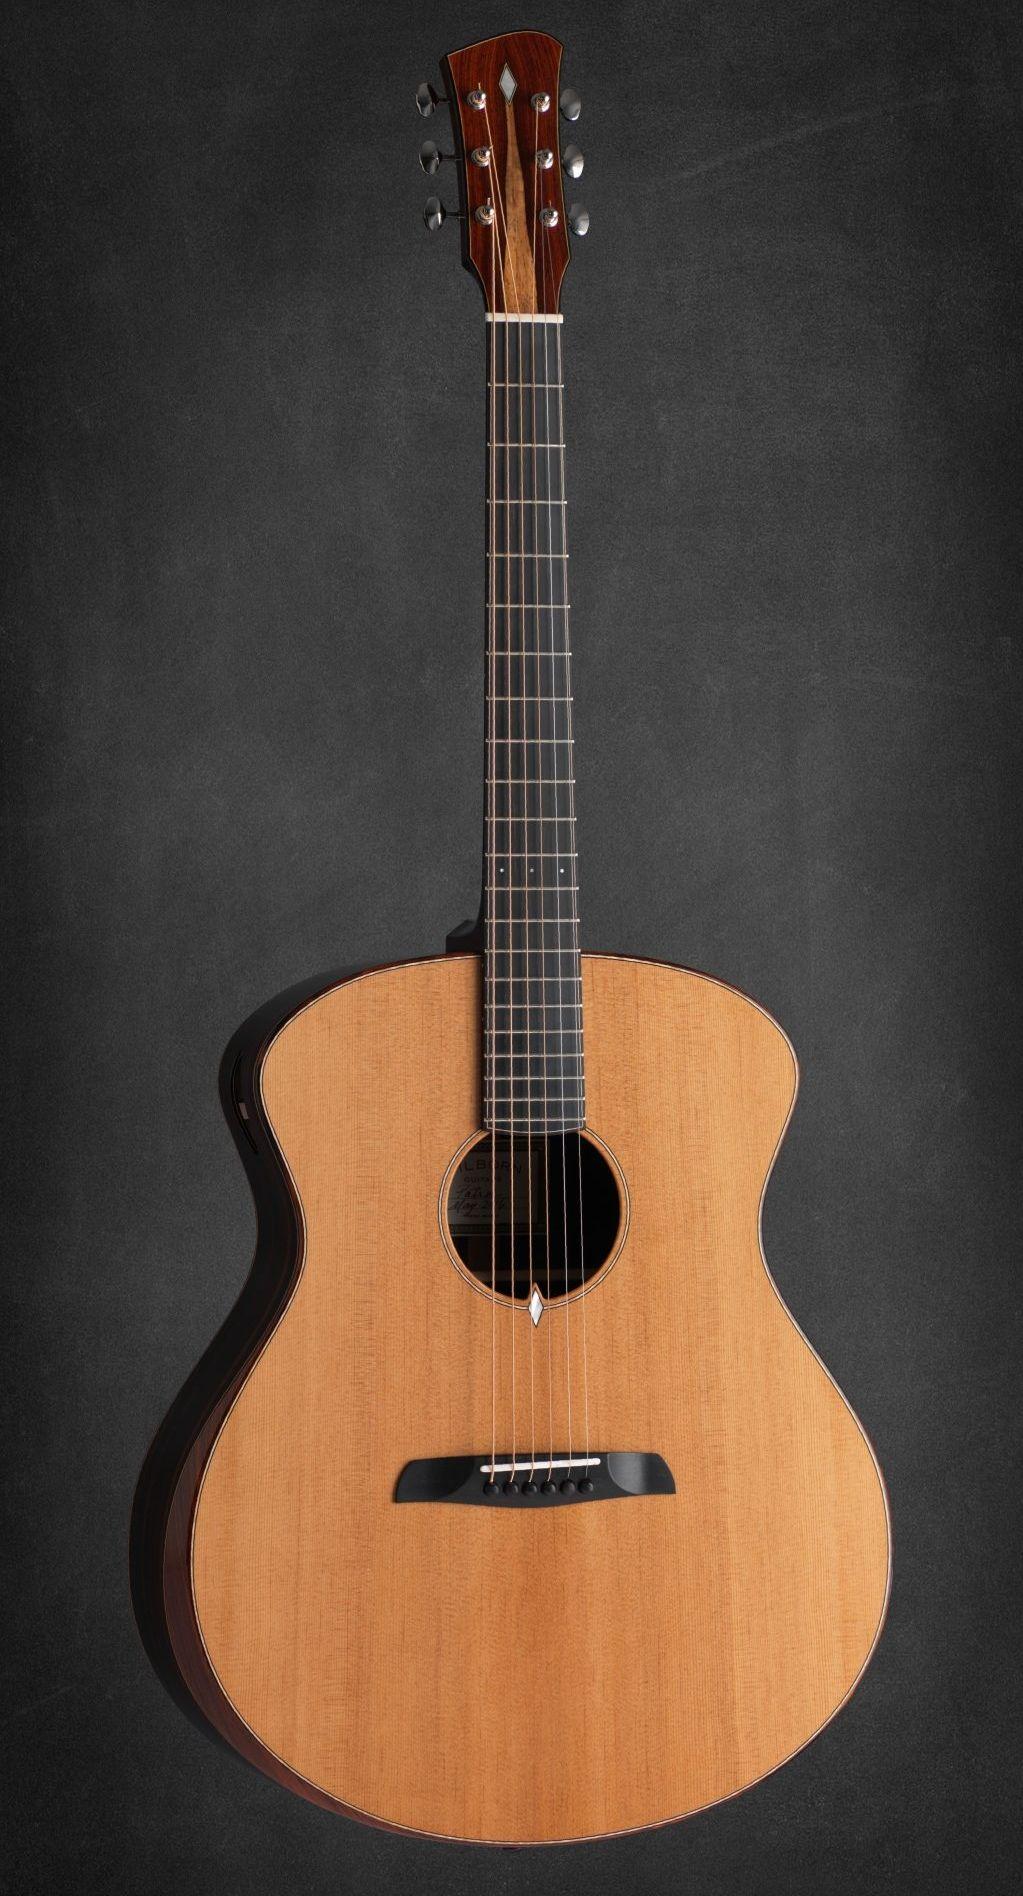 nevada guitar Reno vintage